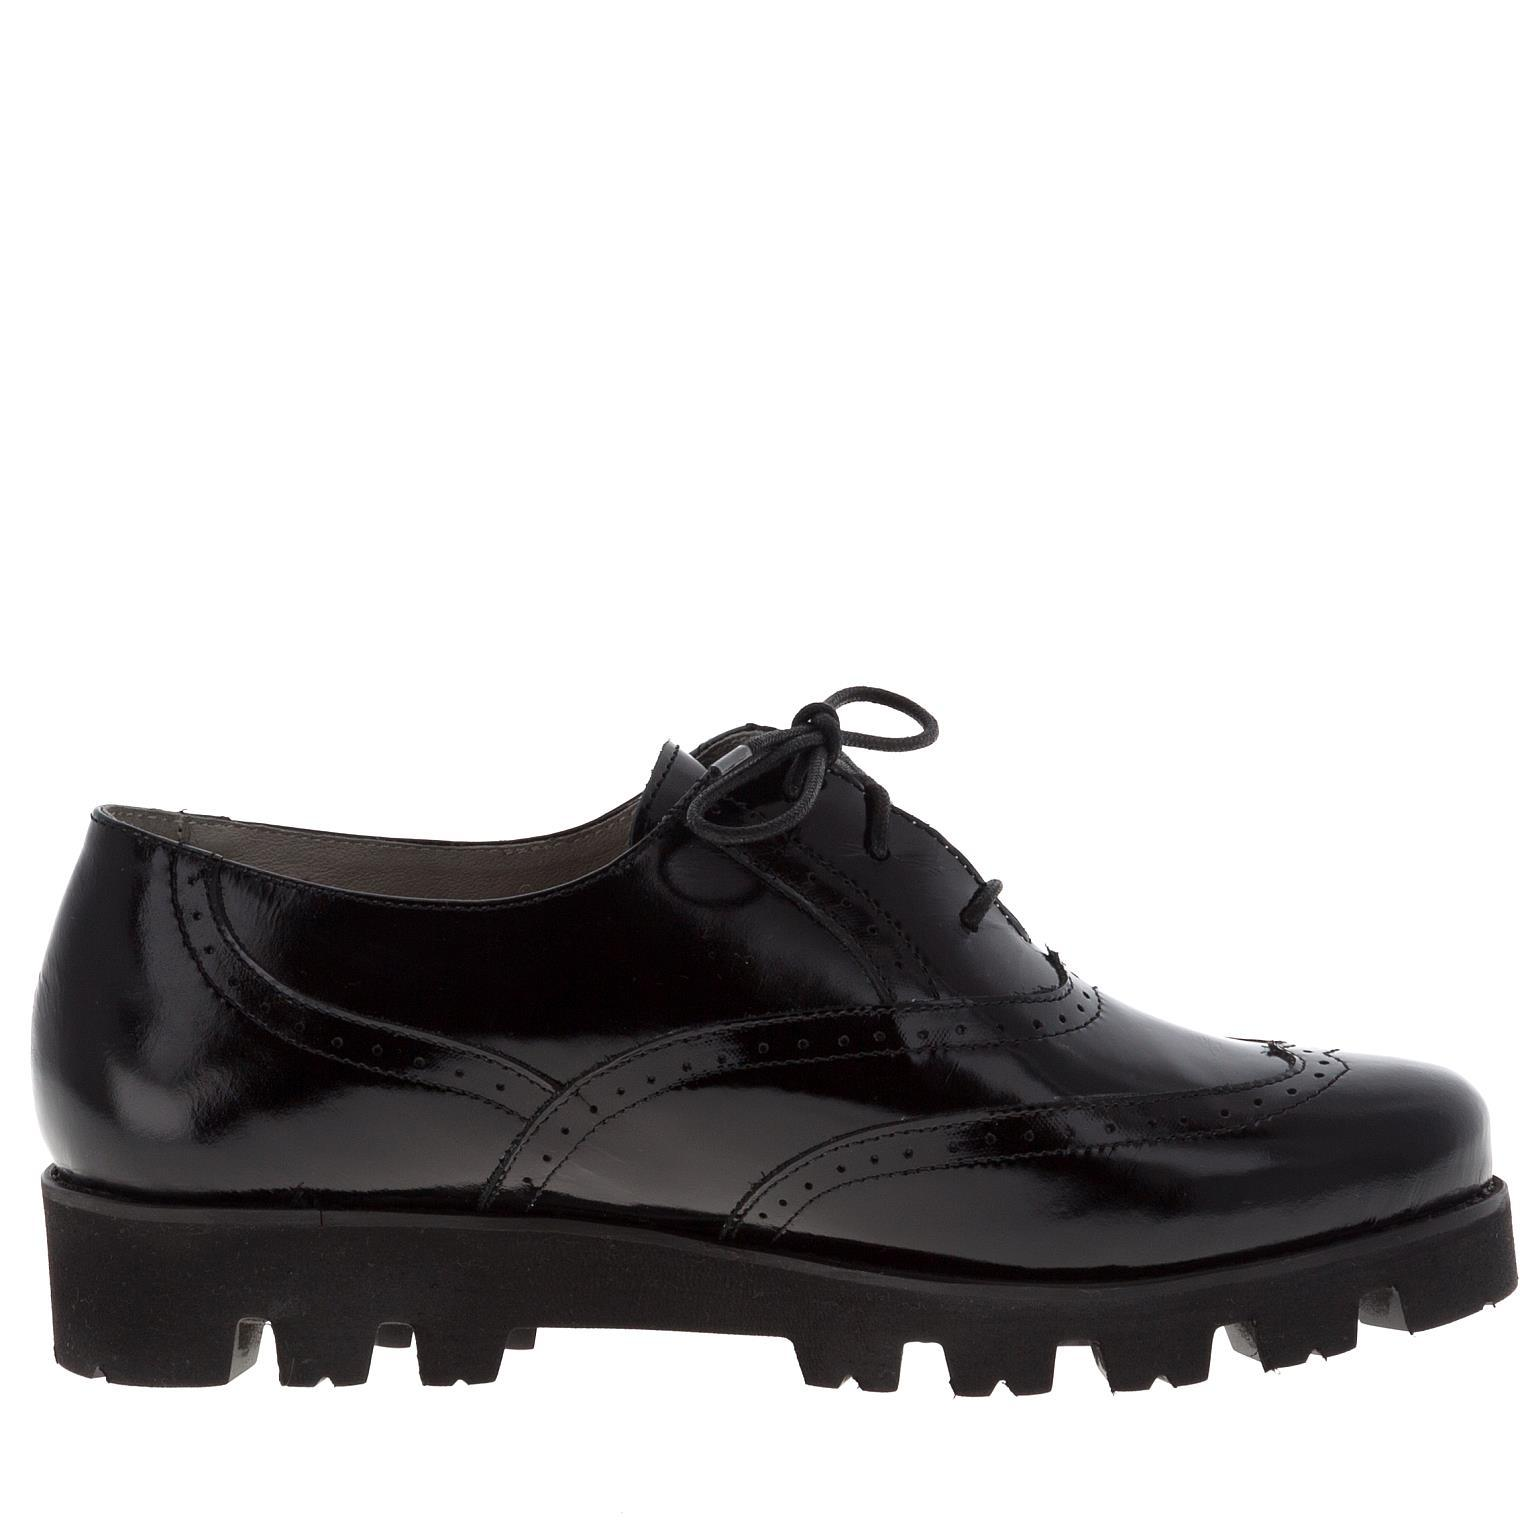 632269 туфли женские больших размеров марки Делфино